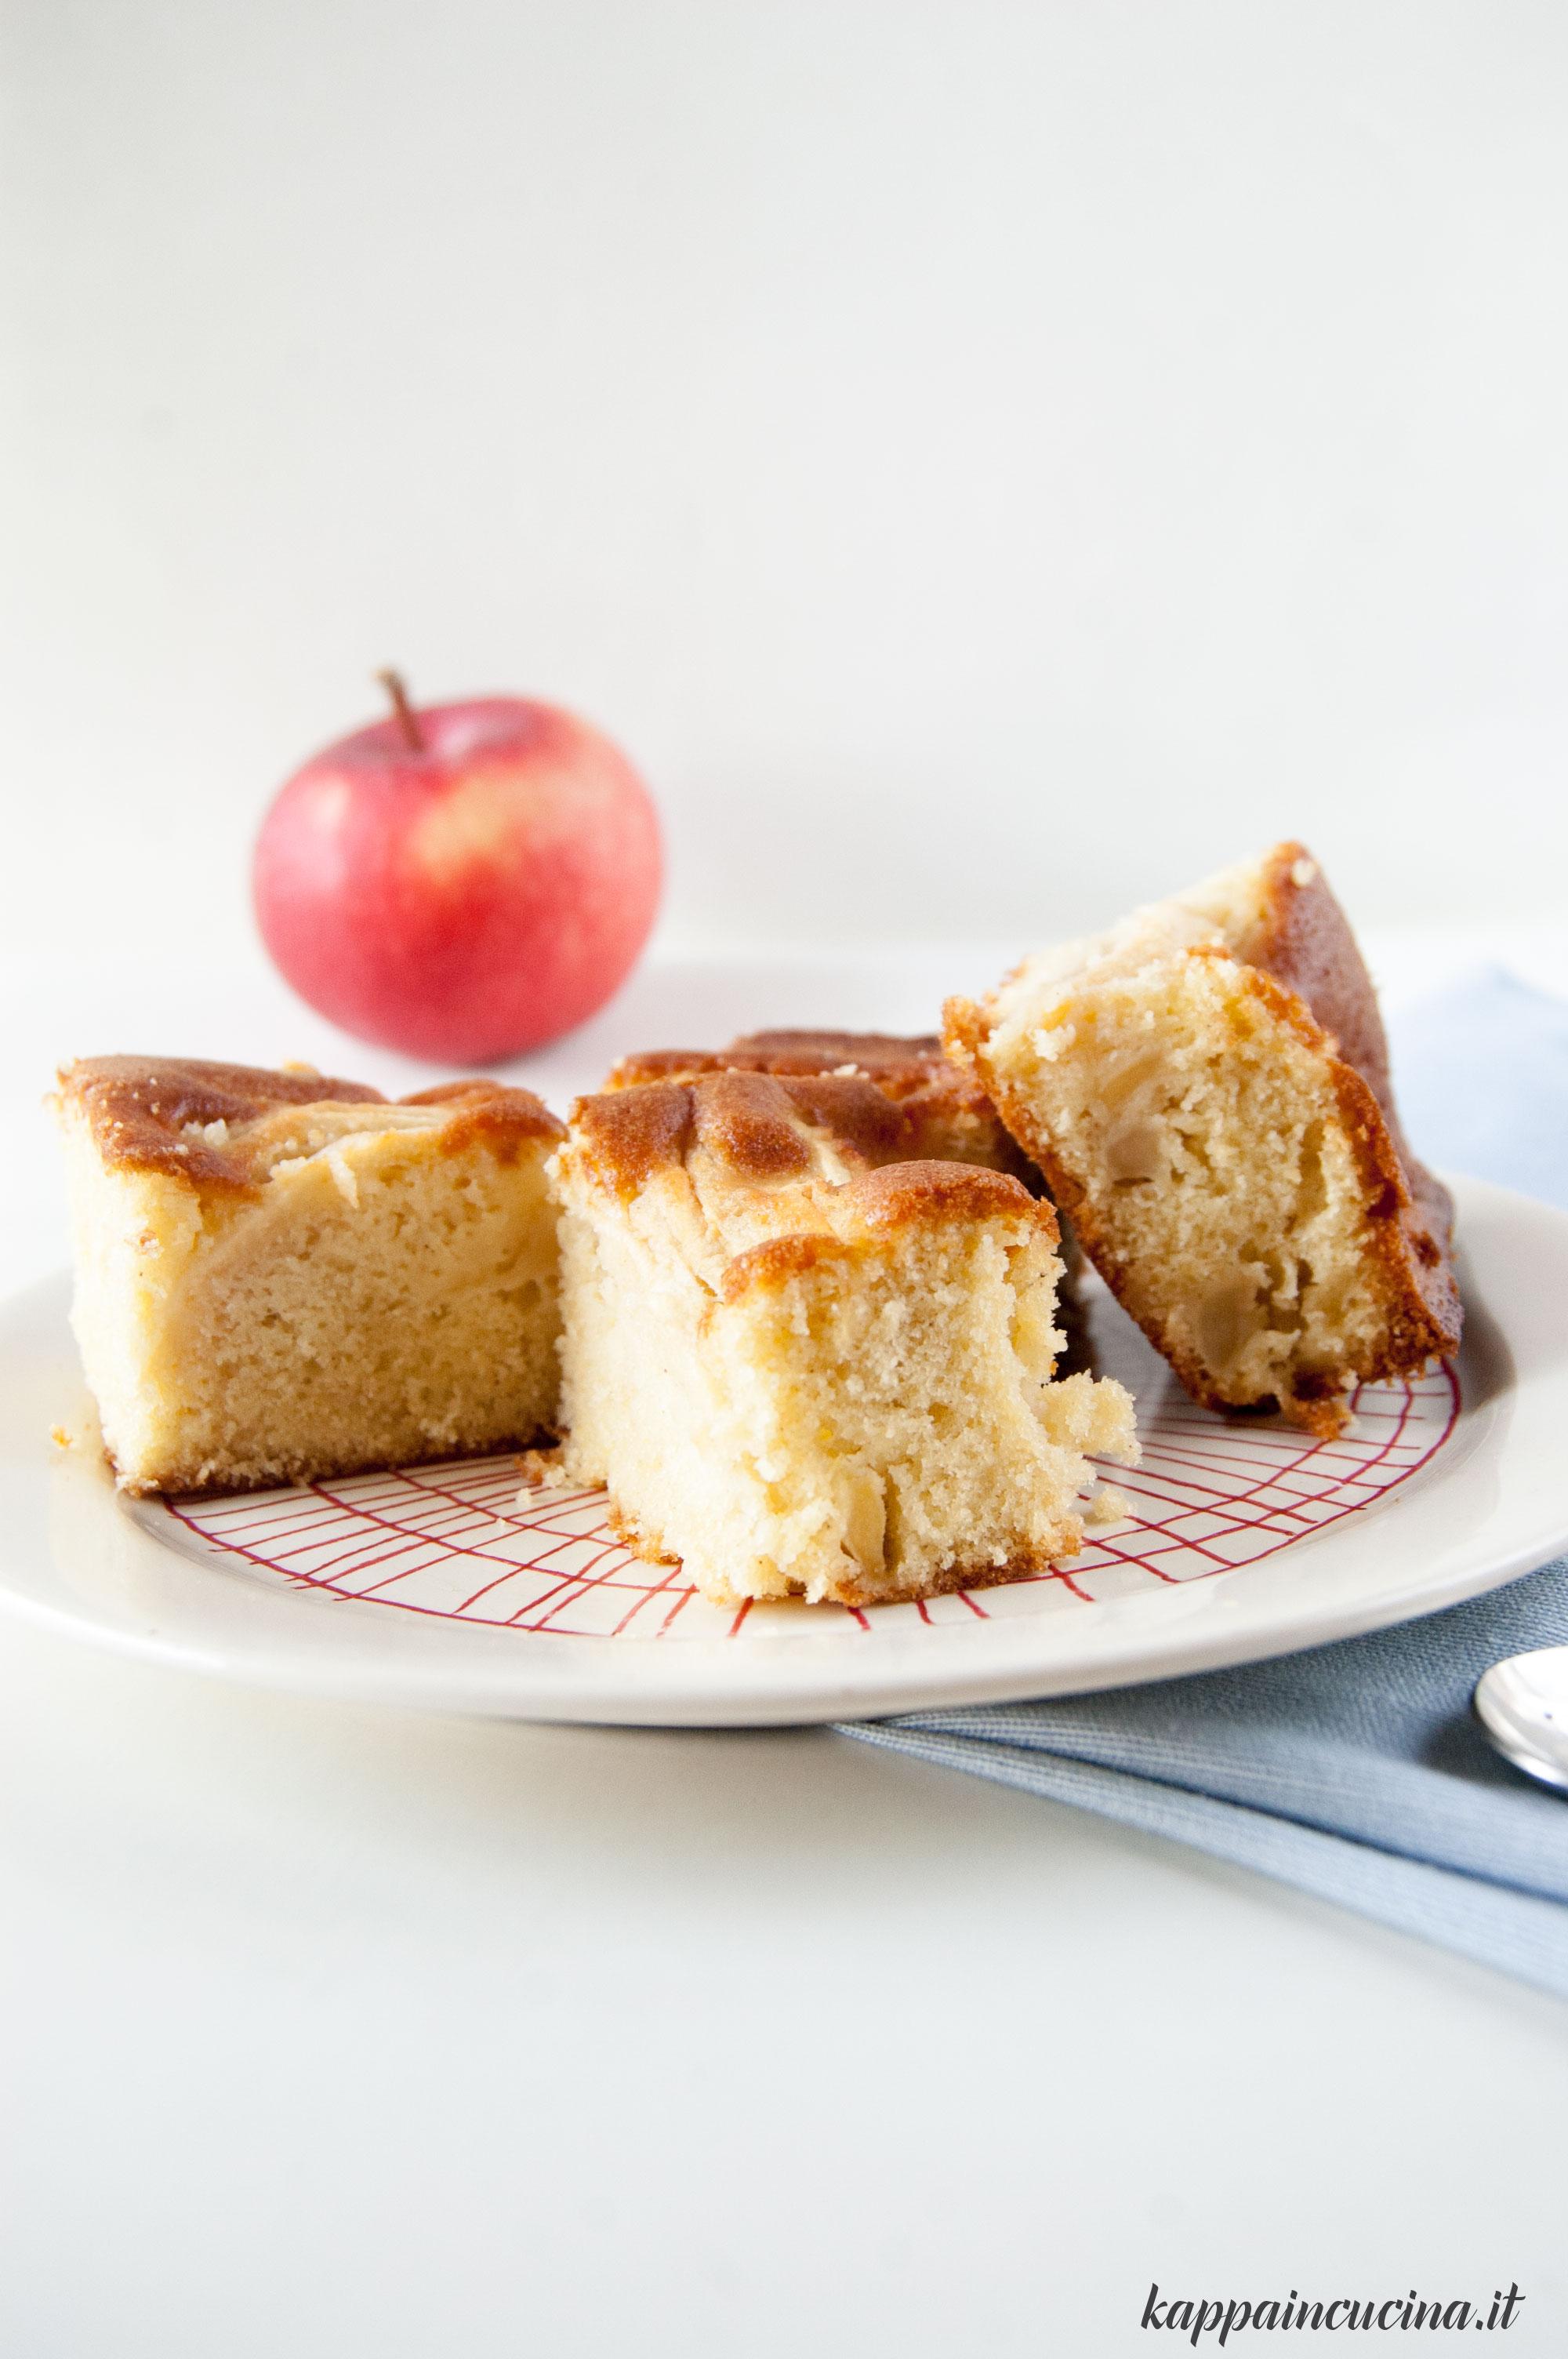 Torta olandese alle mele torta di mele morbida kappa - Kappa in cucina ...